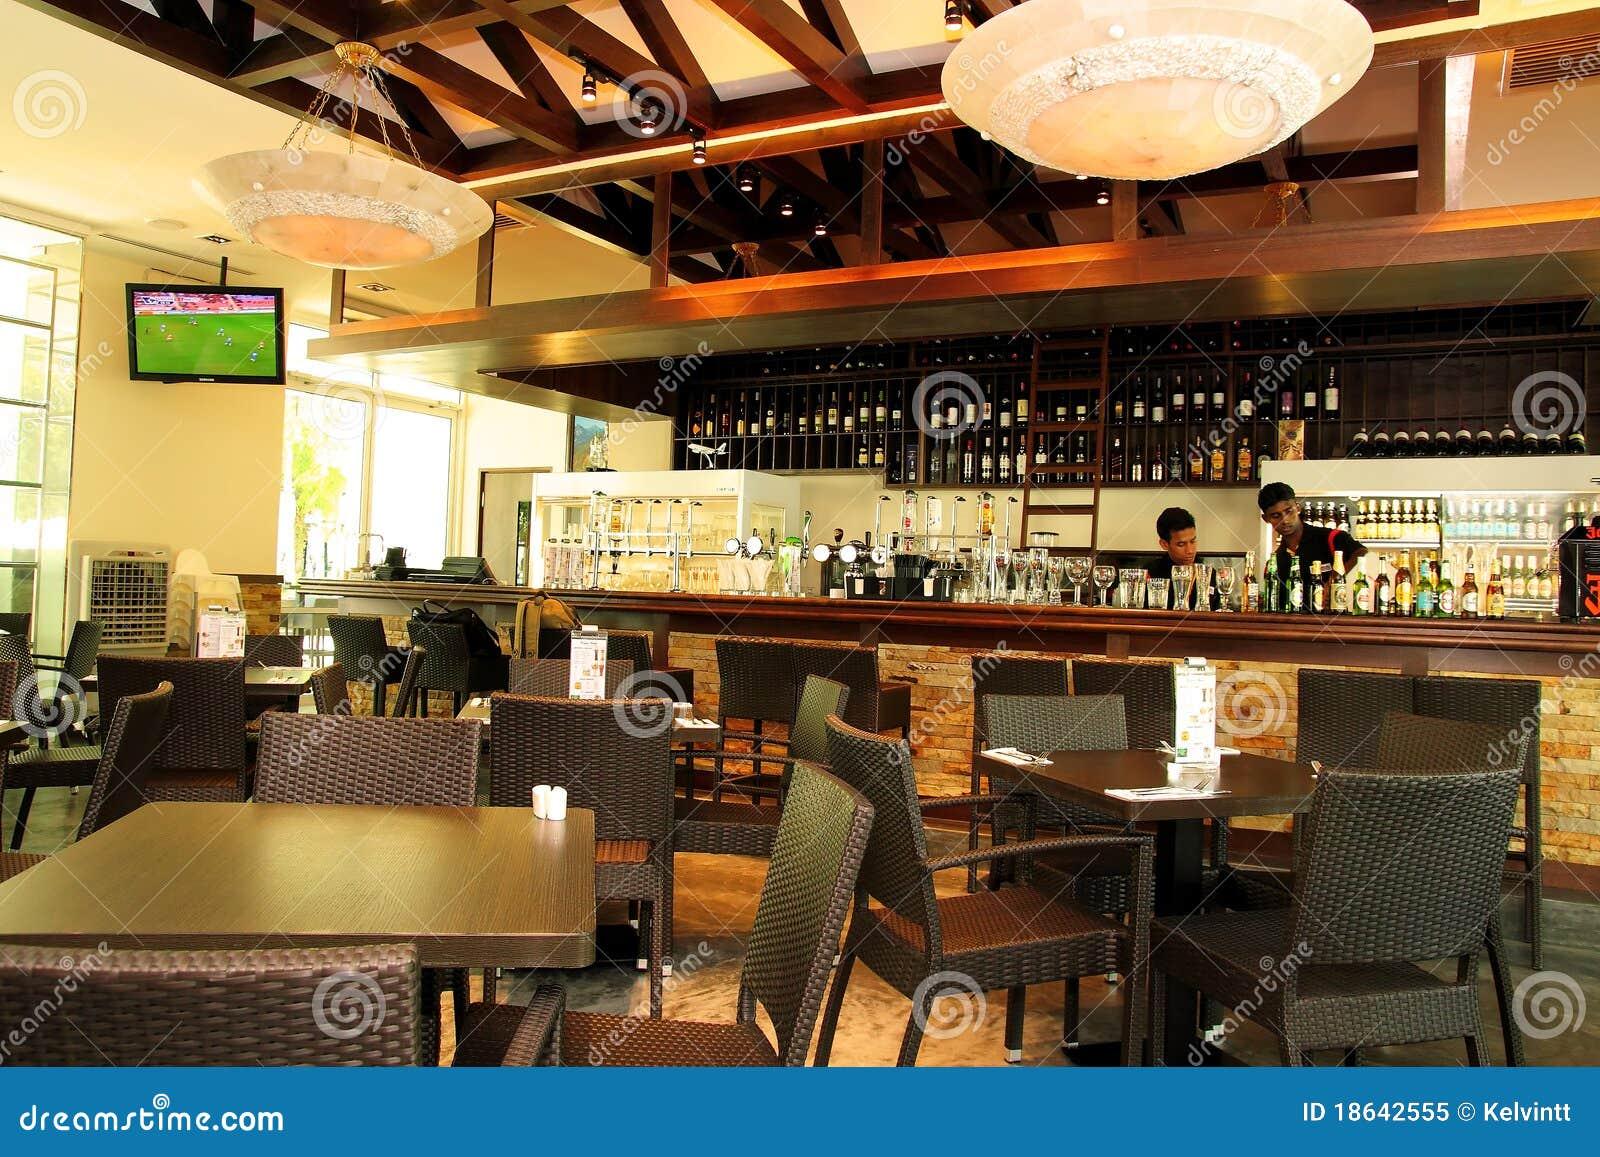 Restaurante Barra Y Bistros Imagen Editorial Imagen